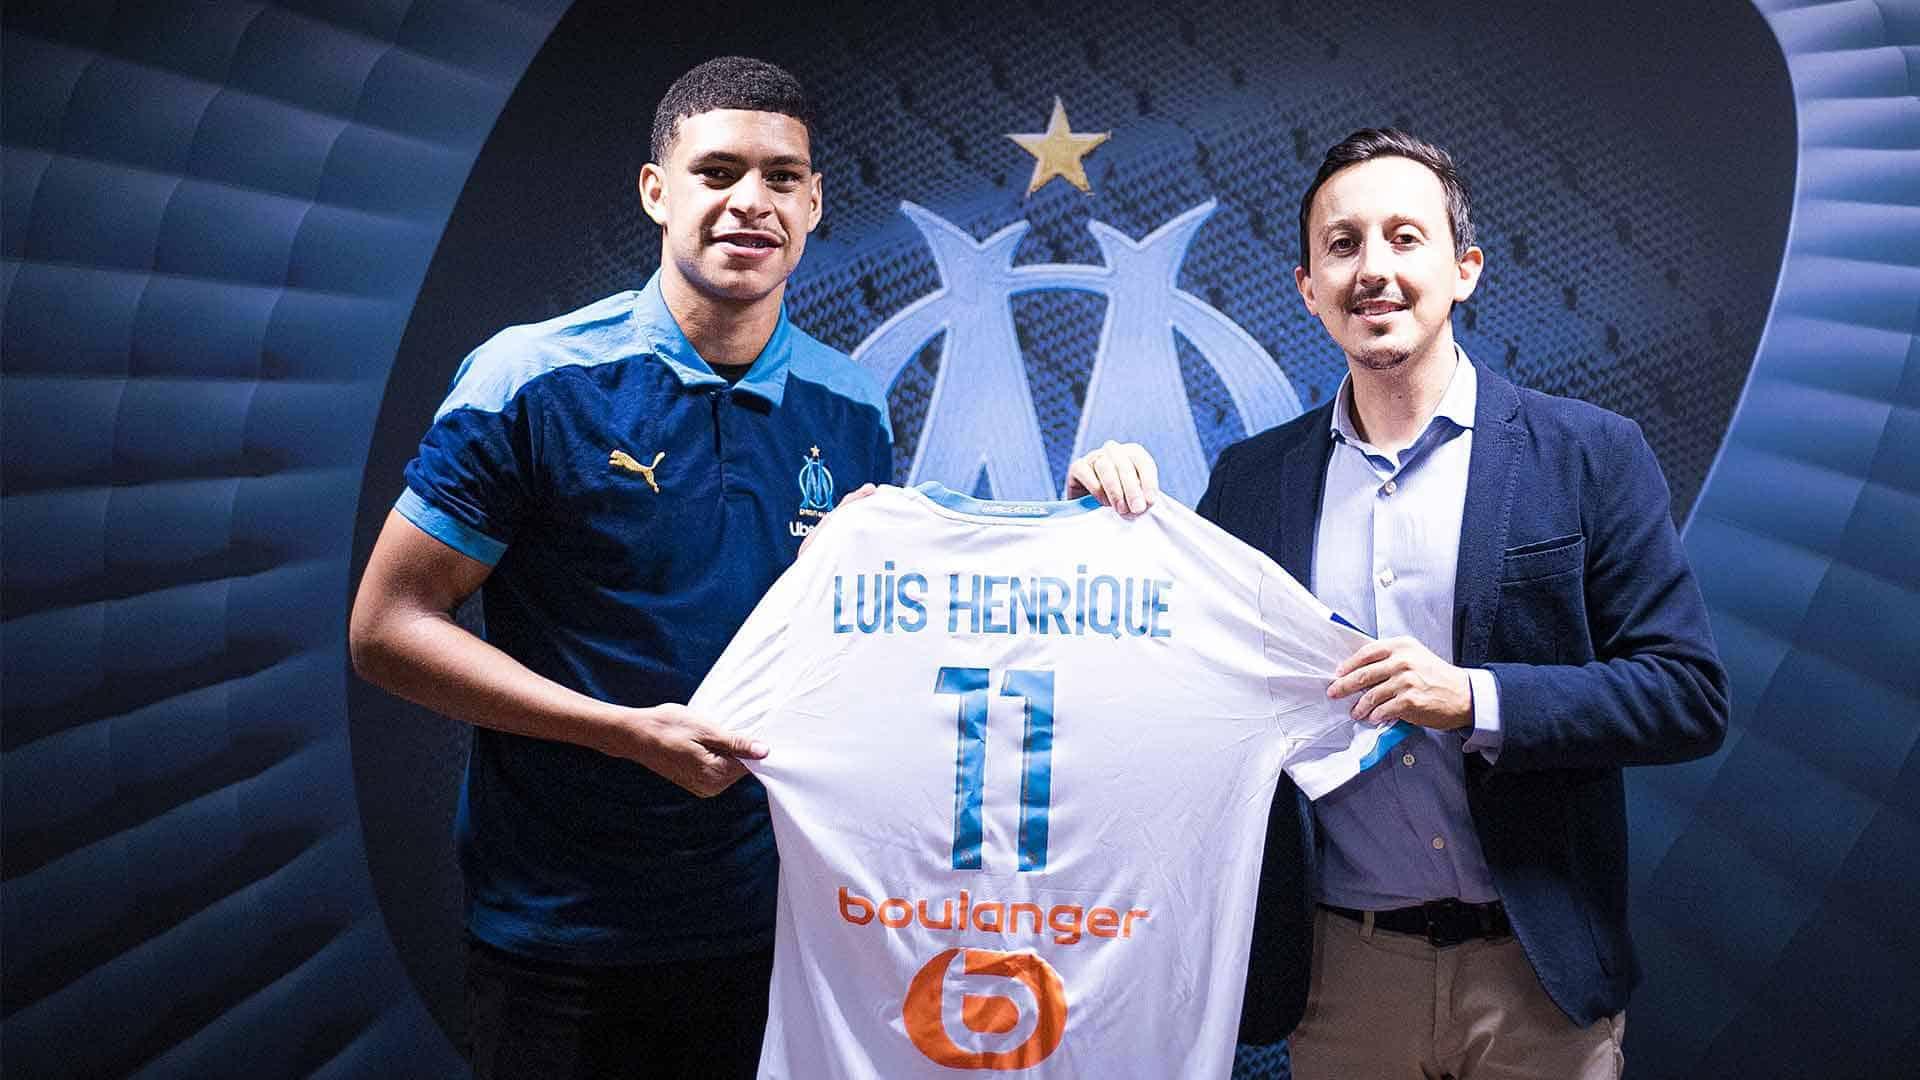 Luis-Henrique.jpeg